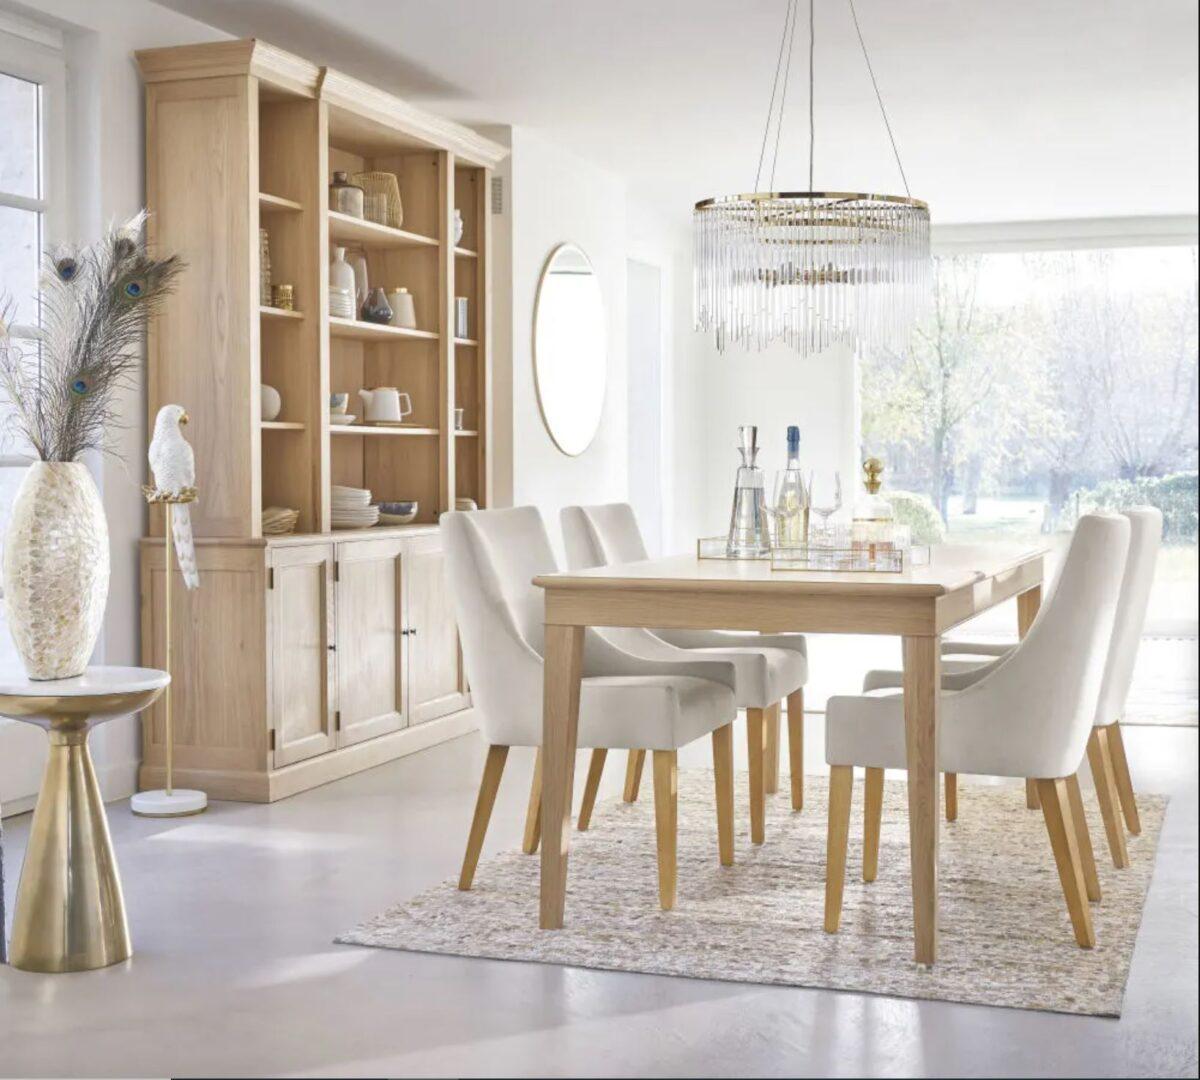 I lampadari creati con questo stile rendono l'ambiente luminoso e accogliente. Maisons Du Monde Chairs Catalog Decor Scan The New Way Of Thinking About Your Home And Interior Design